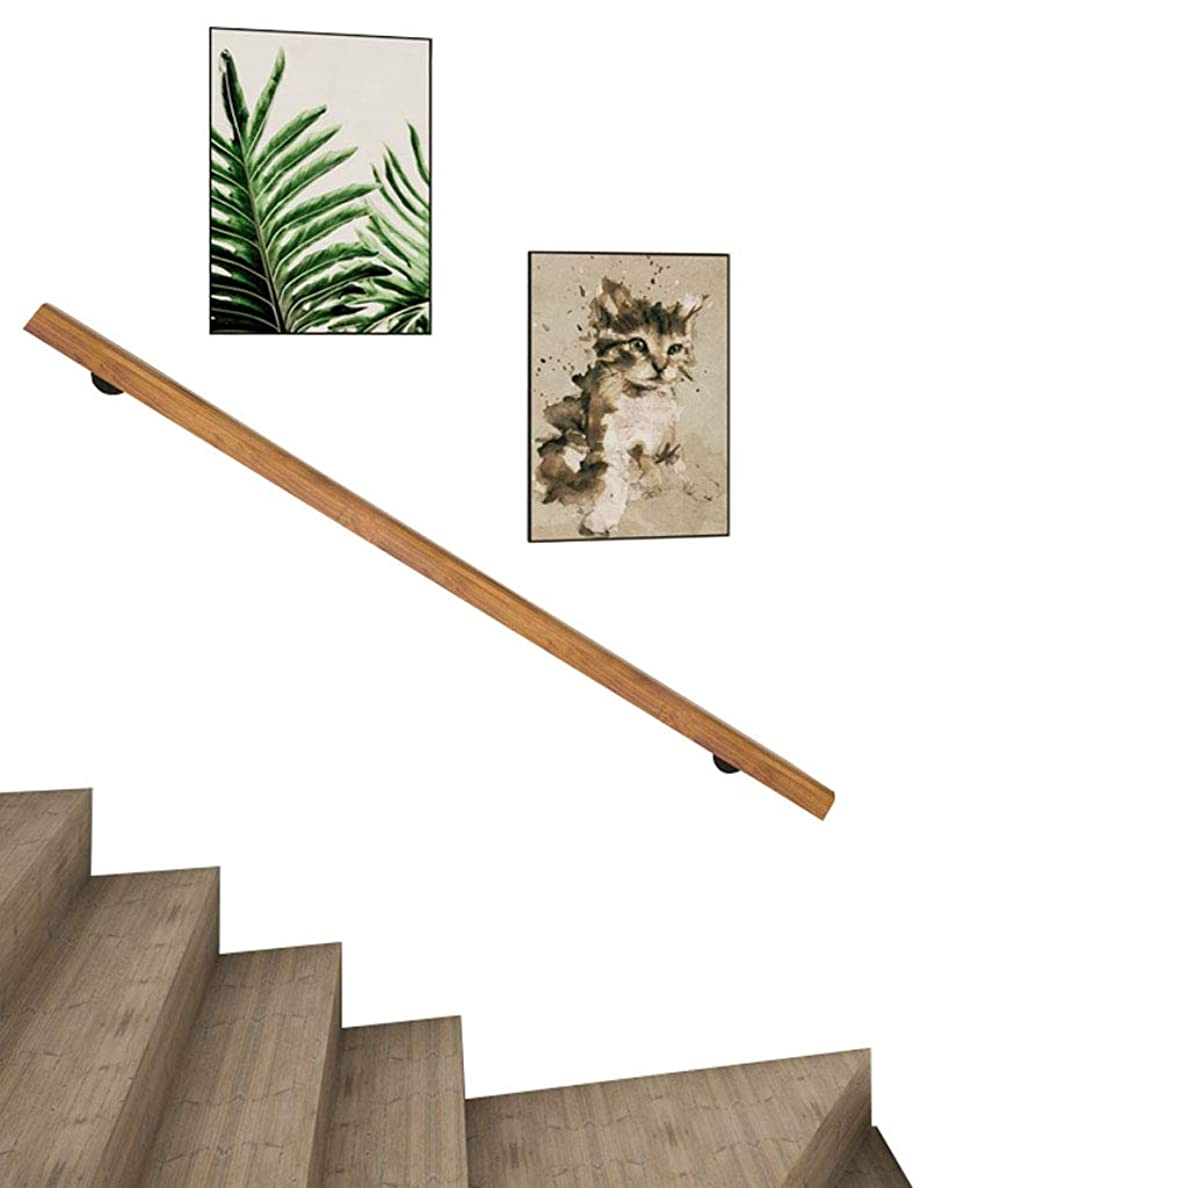 シマウマデッド広々手すり-キット一式、廊下サポートロッド、サポート付きインテリアウォールマウント階段手すり